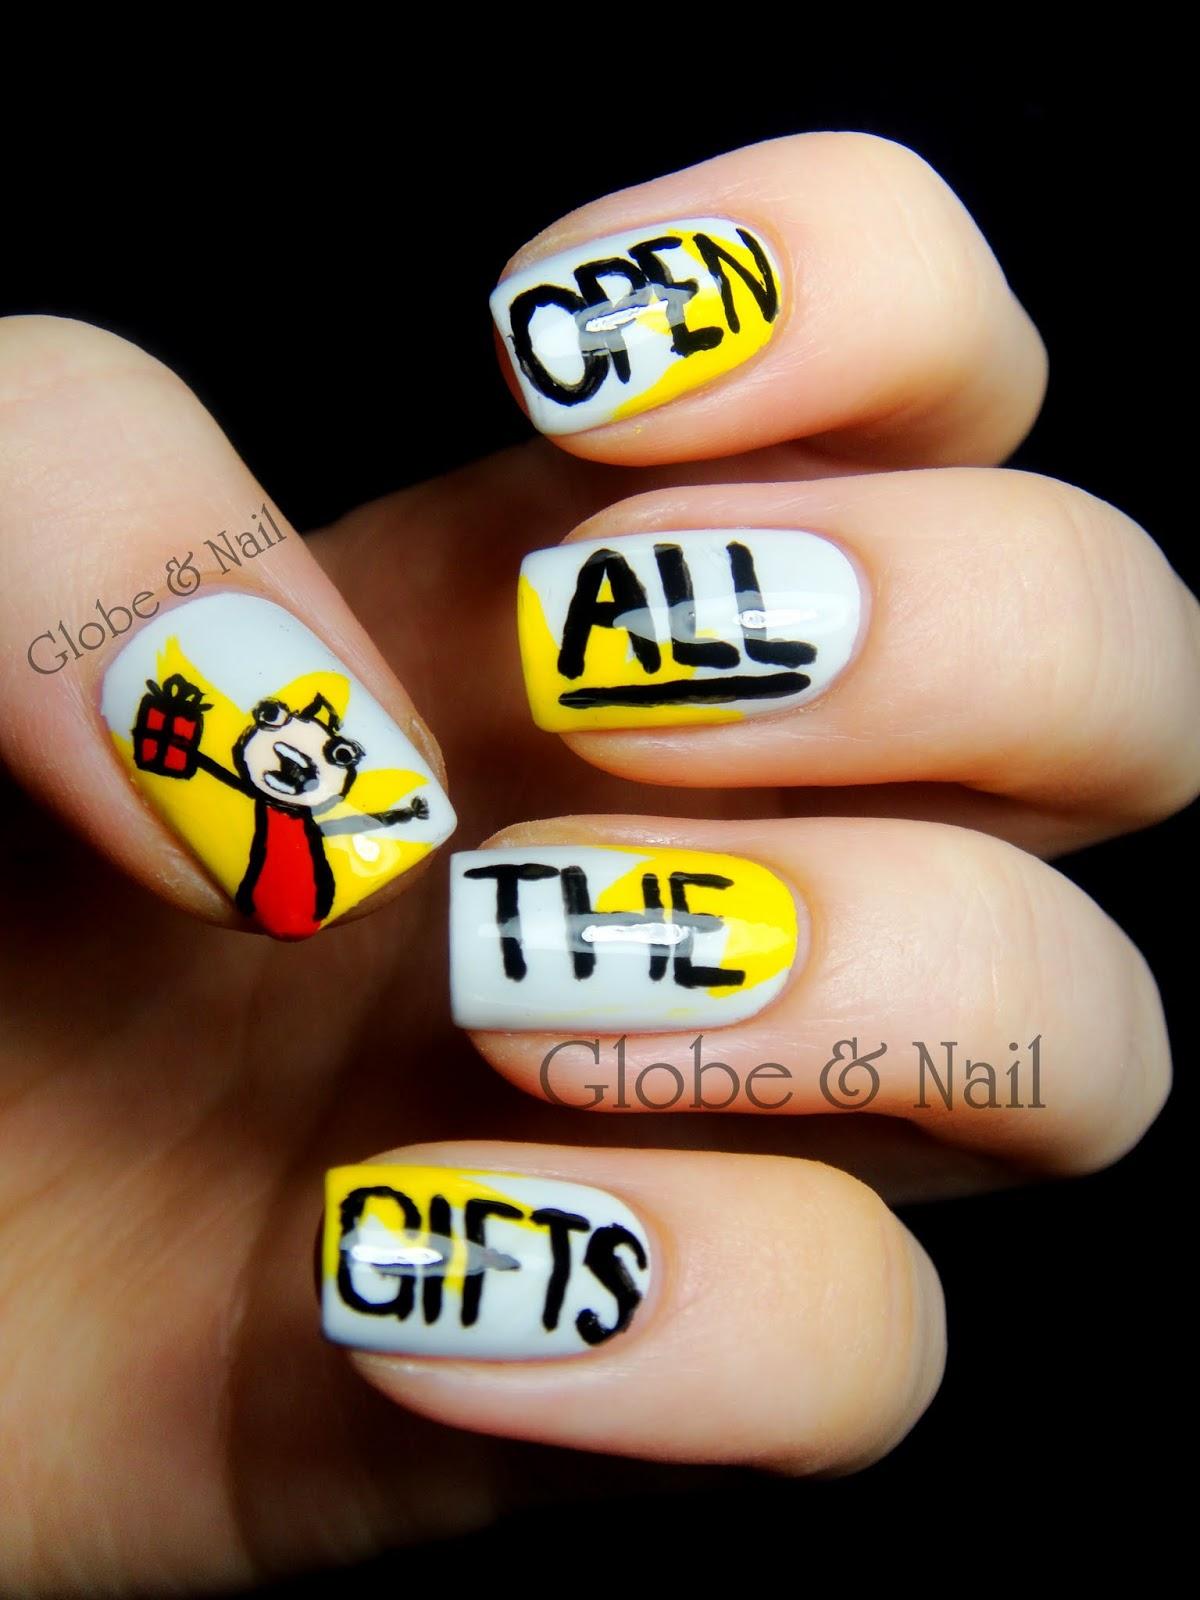 Globe & Nail: I\'m Gettin\' Nuttin\' For Christmas